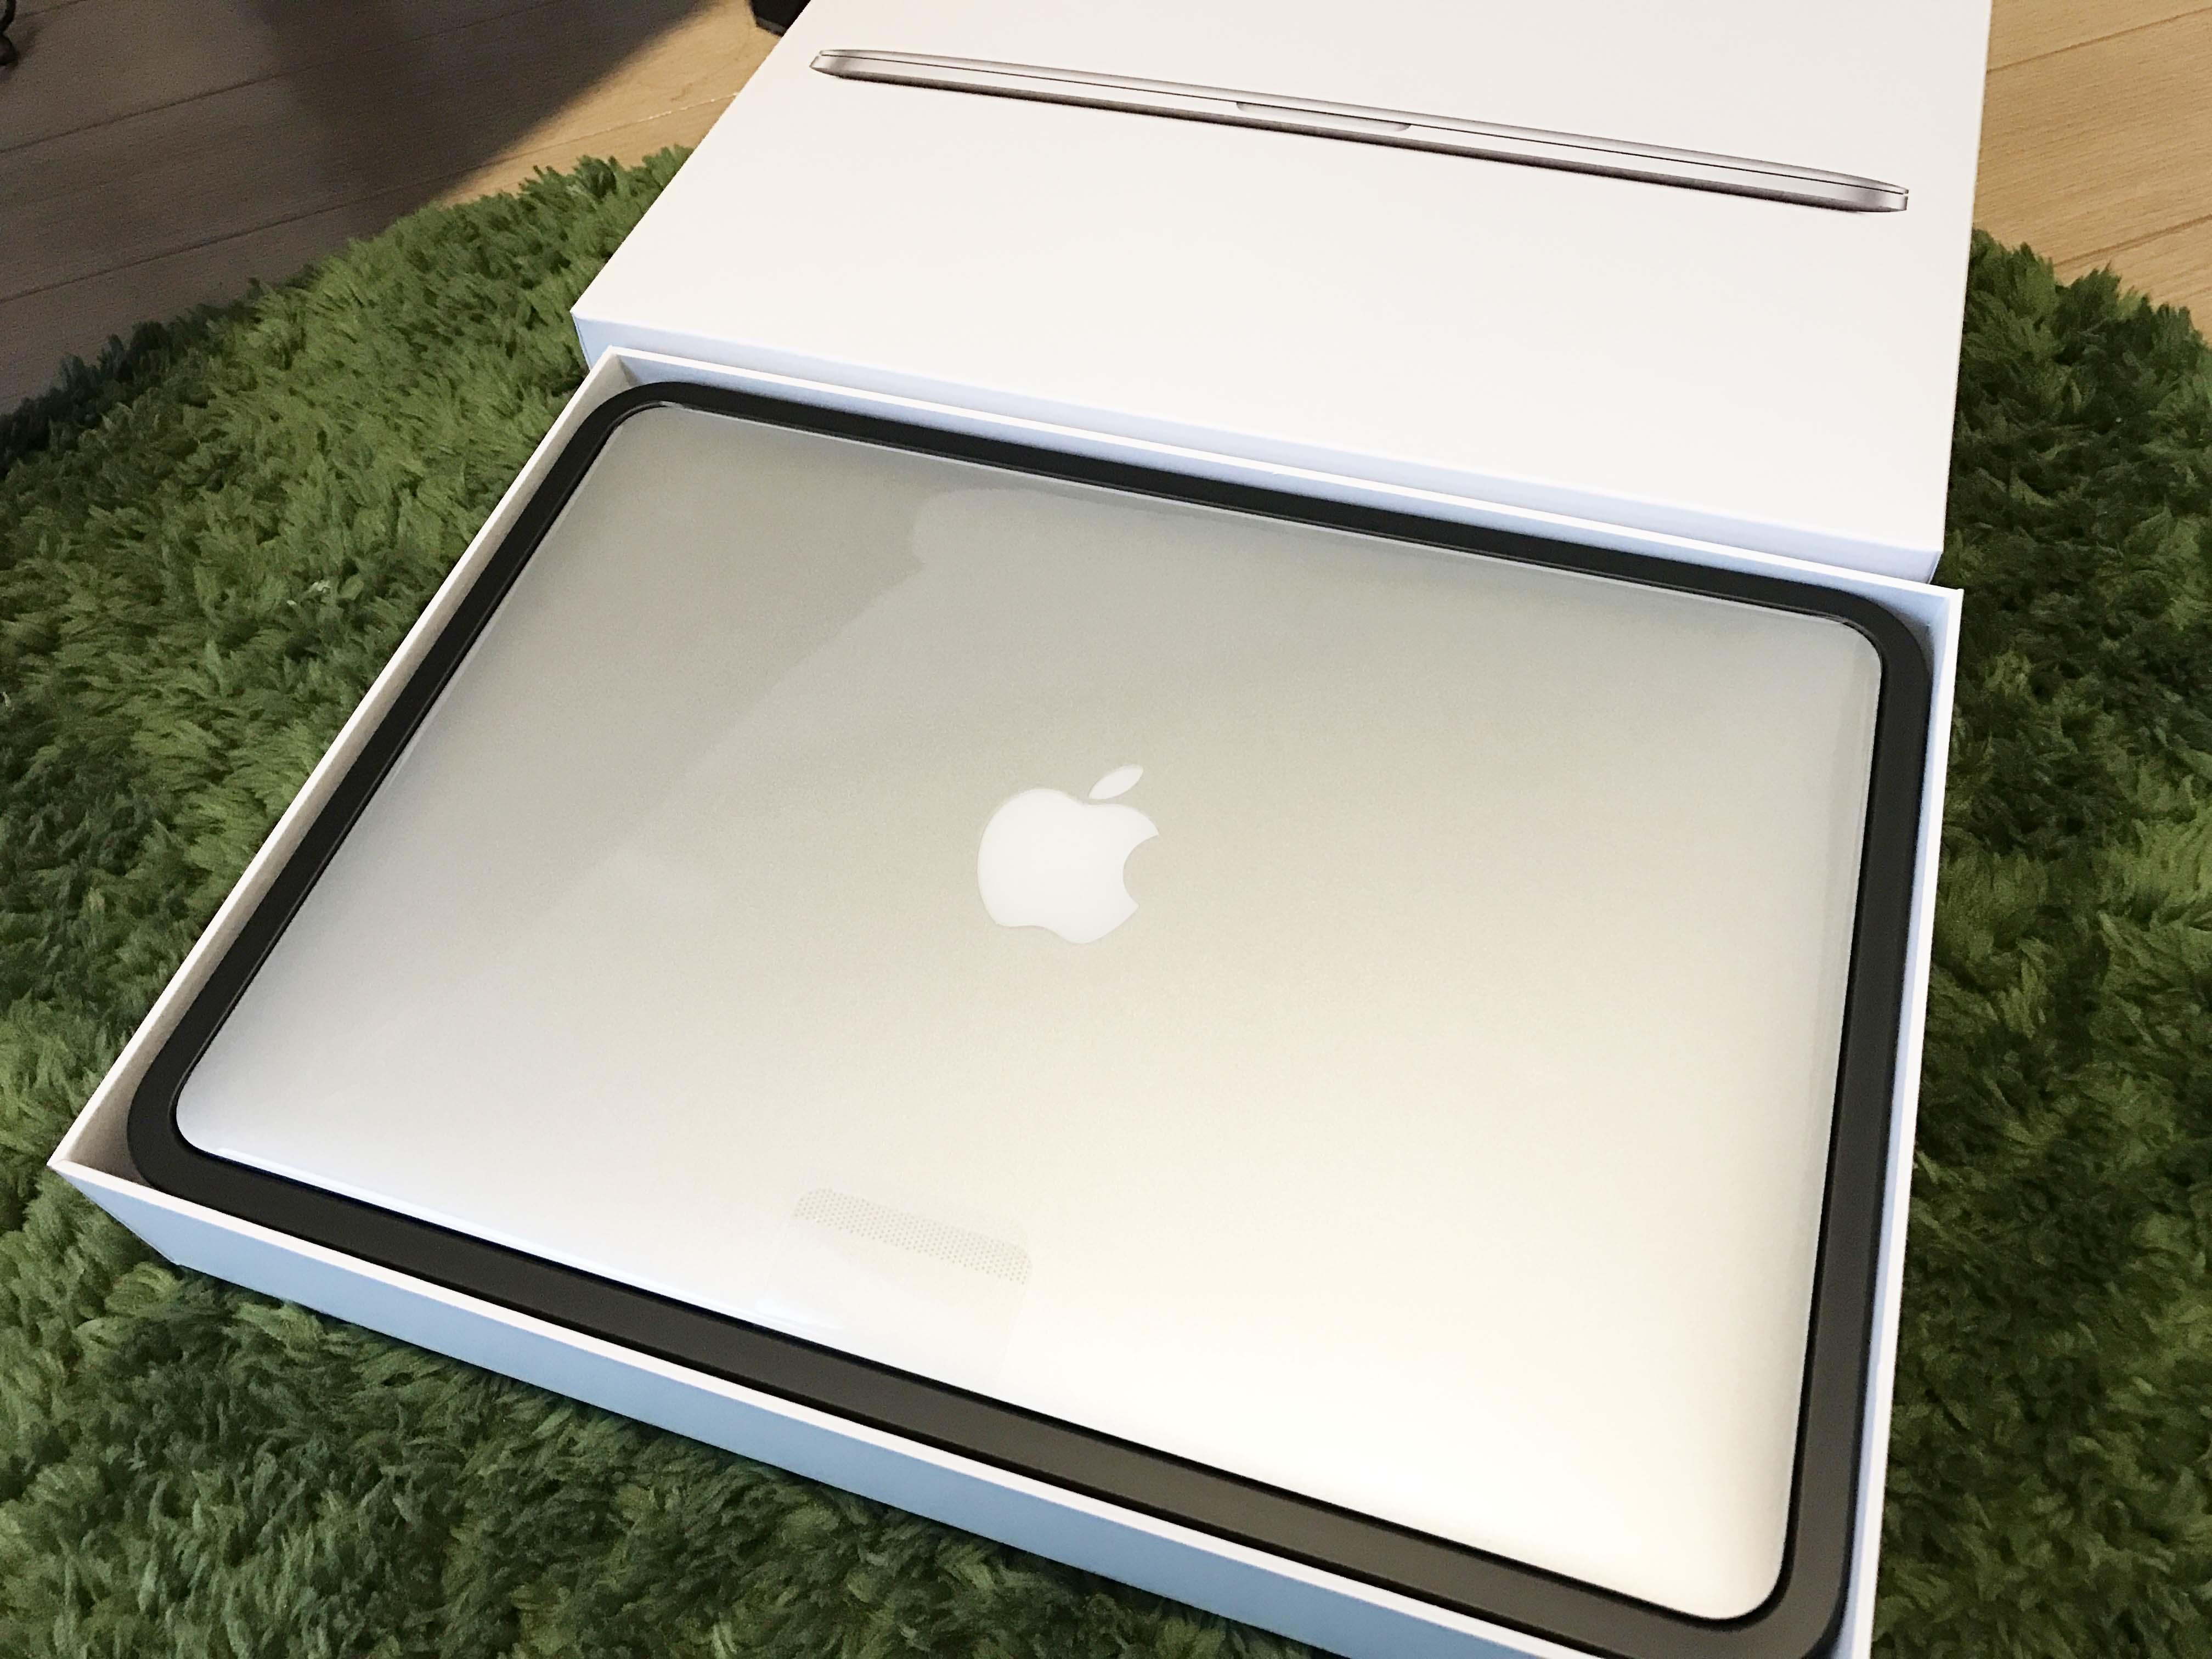 【Apple】MacBook Pro 13インチ MF839J/Aを購入しました。